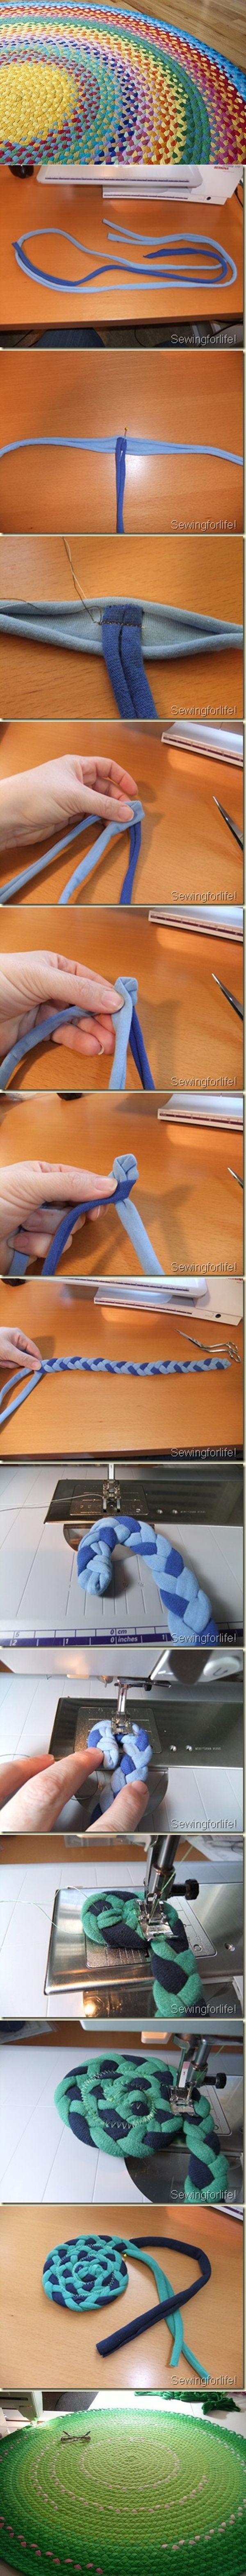 Esse tutorial da Pinterest sobre o tapete trançado com sobras de malha é bem legal. Essas fios podem ser feitos tanto de camisetas velhas,ou retalhos de malhas, ou podem ser comprados em rolos em…